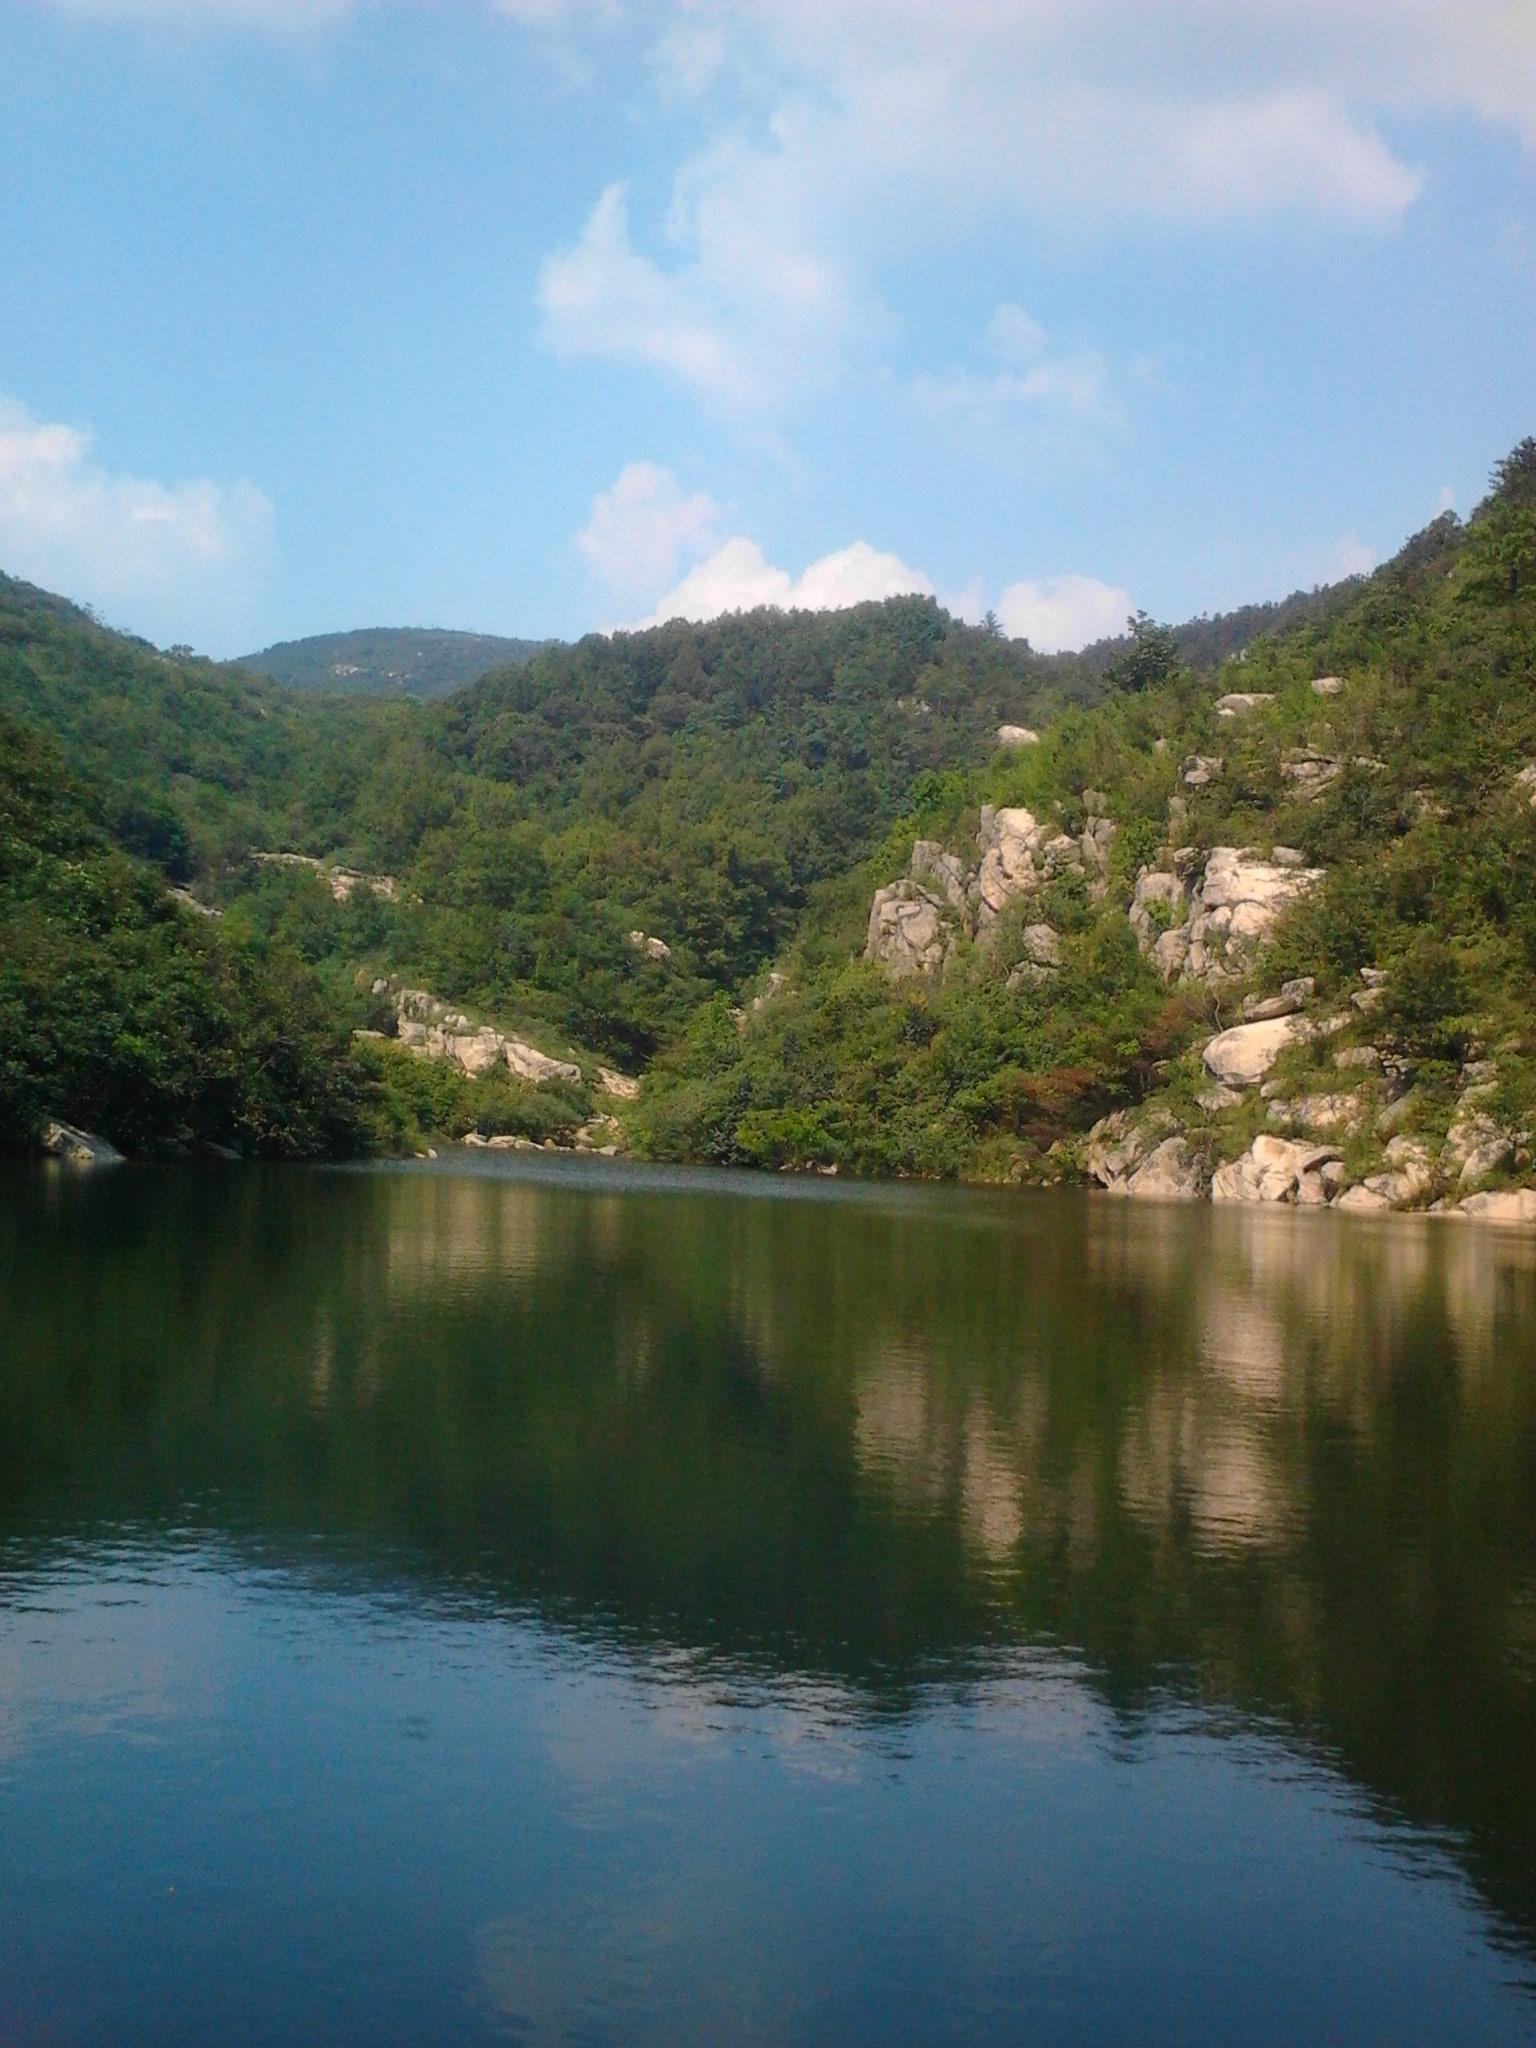 3 连云港·渔湾风景区 开放时间:4月1日-10月31日7:00-18:00;11月1